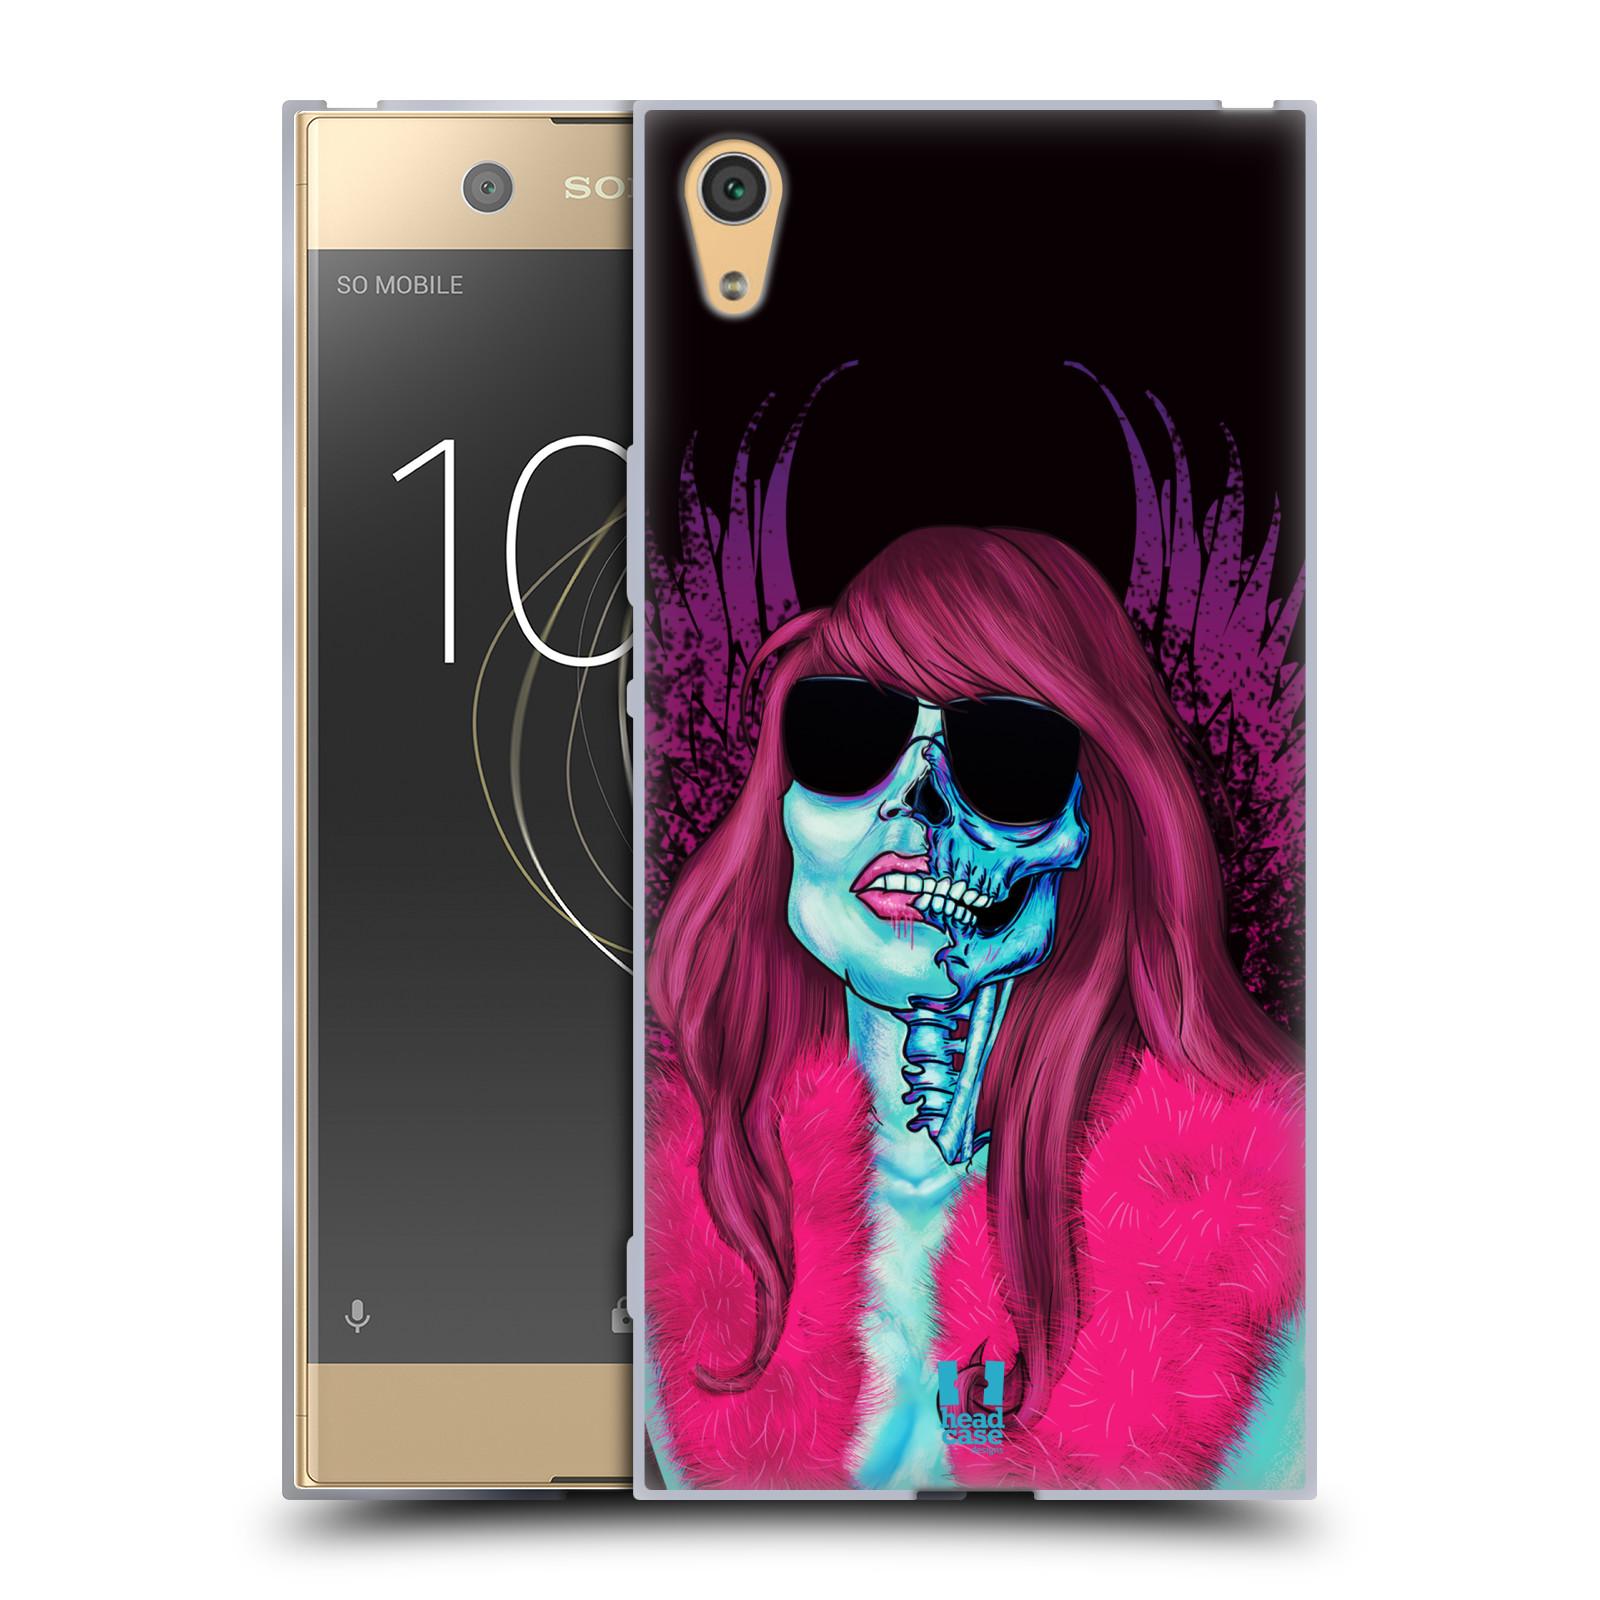 Silikonové pouzdro na mobil Sony Xperia XA1 Ultra - Head Case - LEBKA GROUPIE